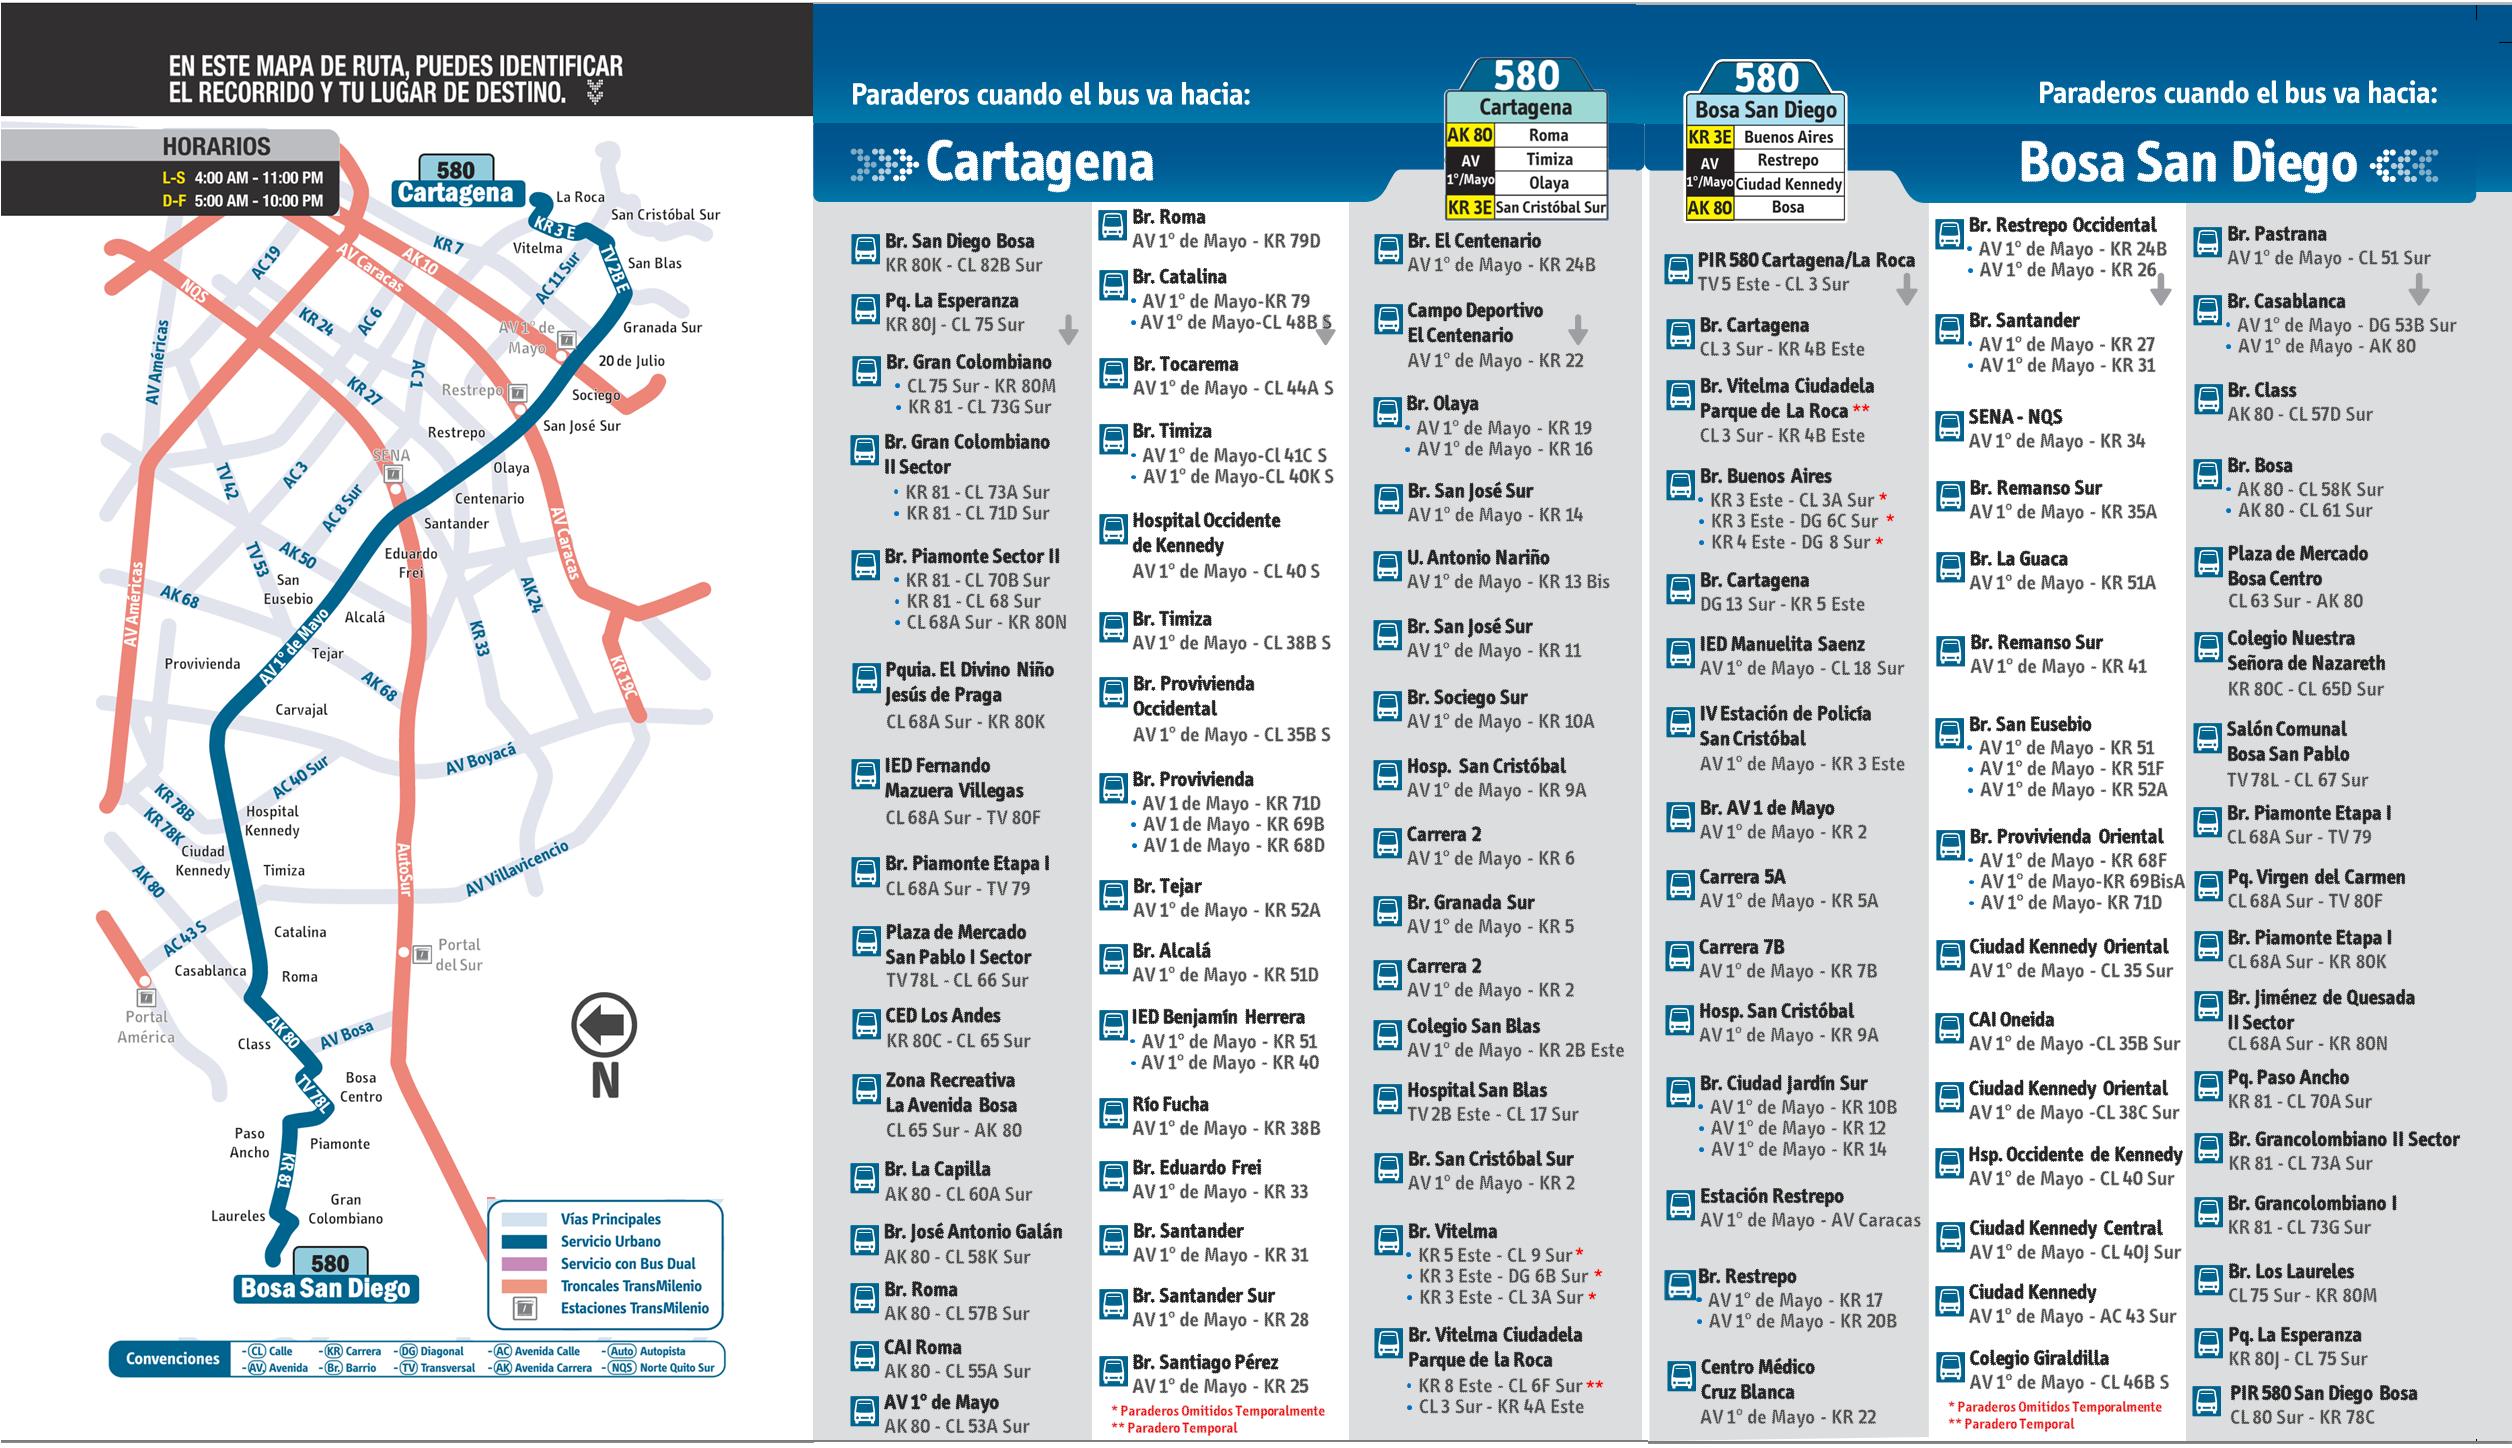 Mapa y paraderos de la urbana 580